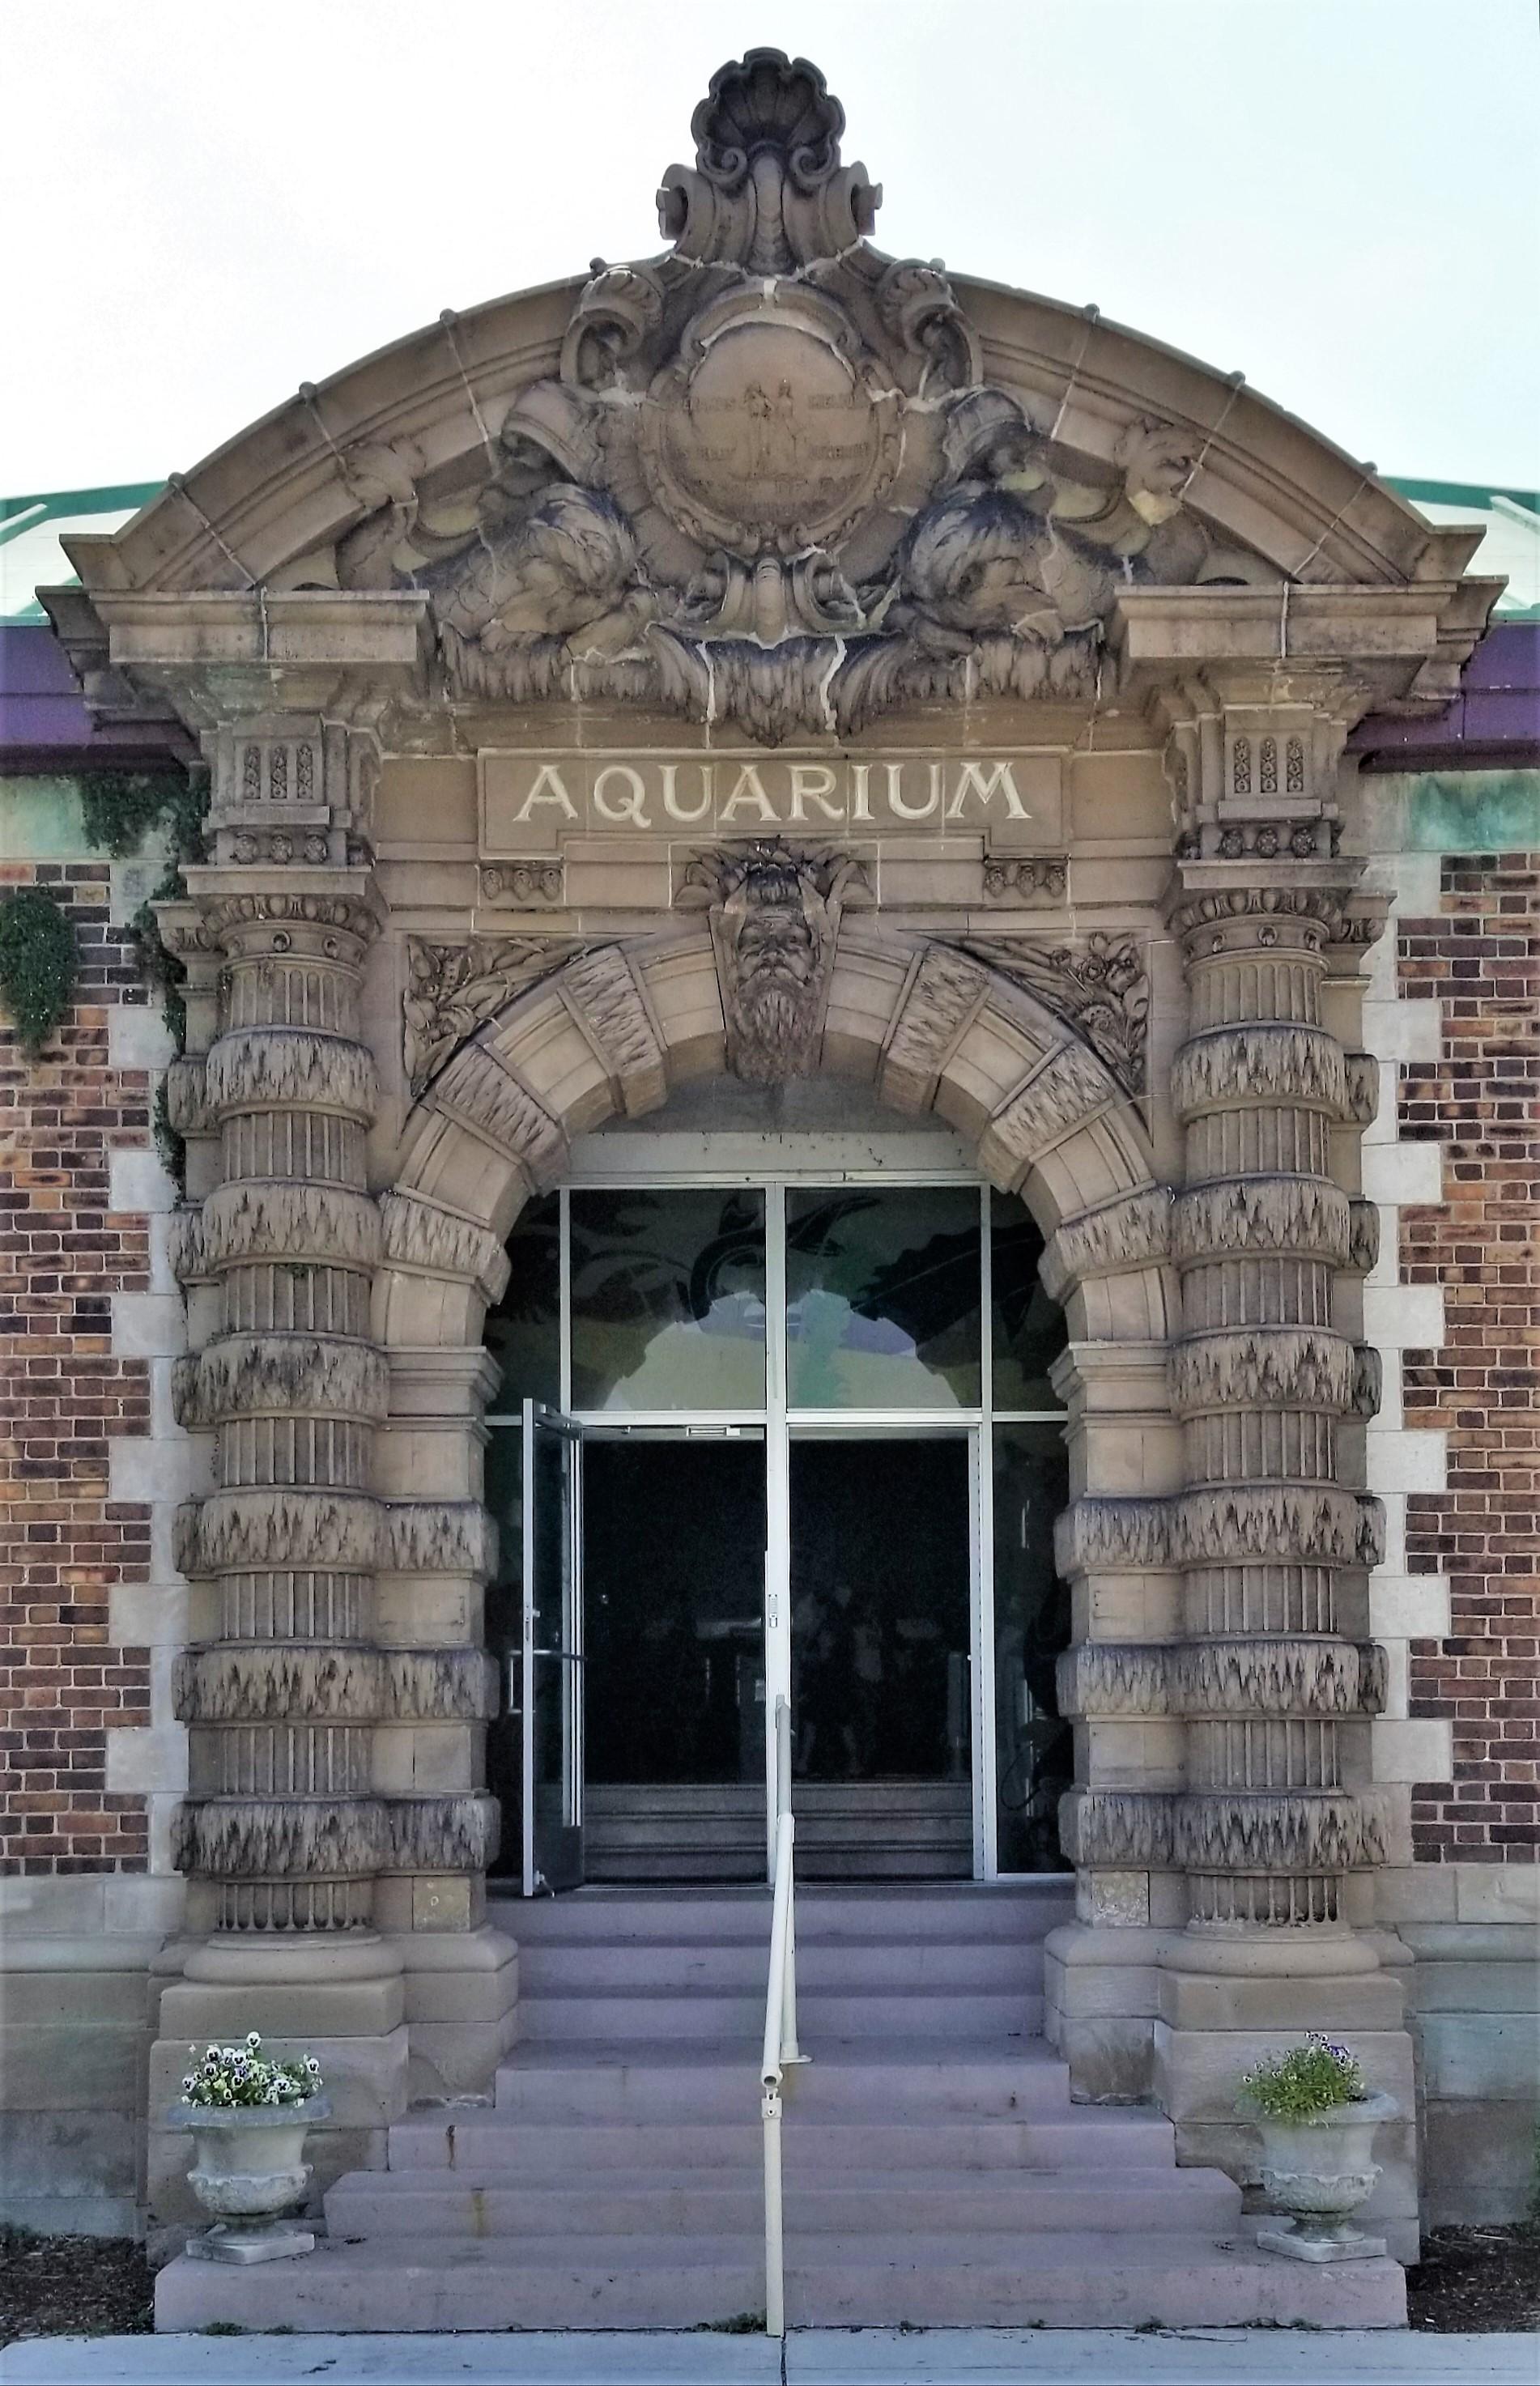 Auquarium facade